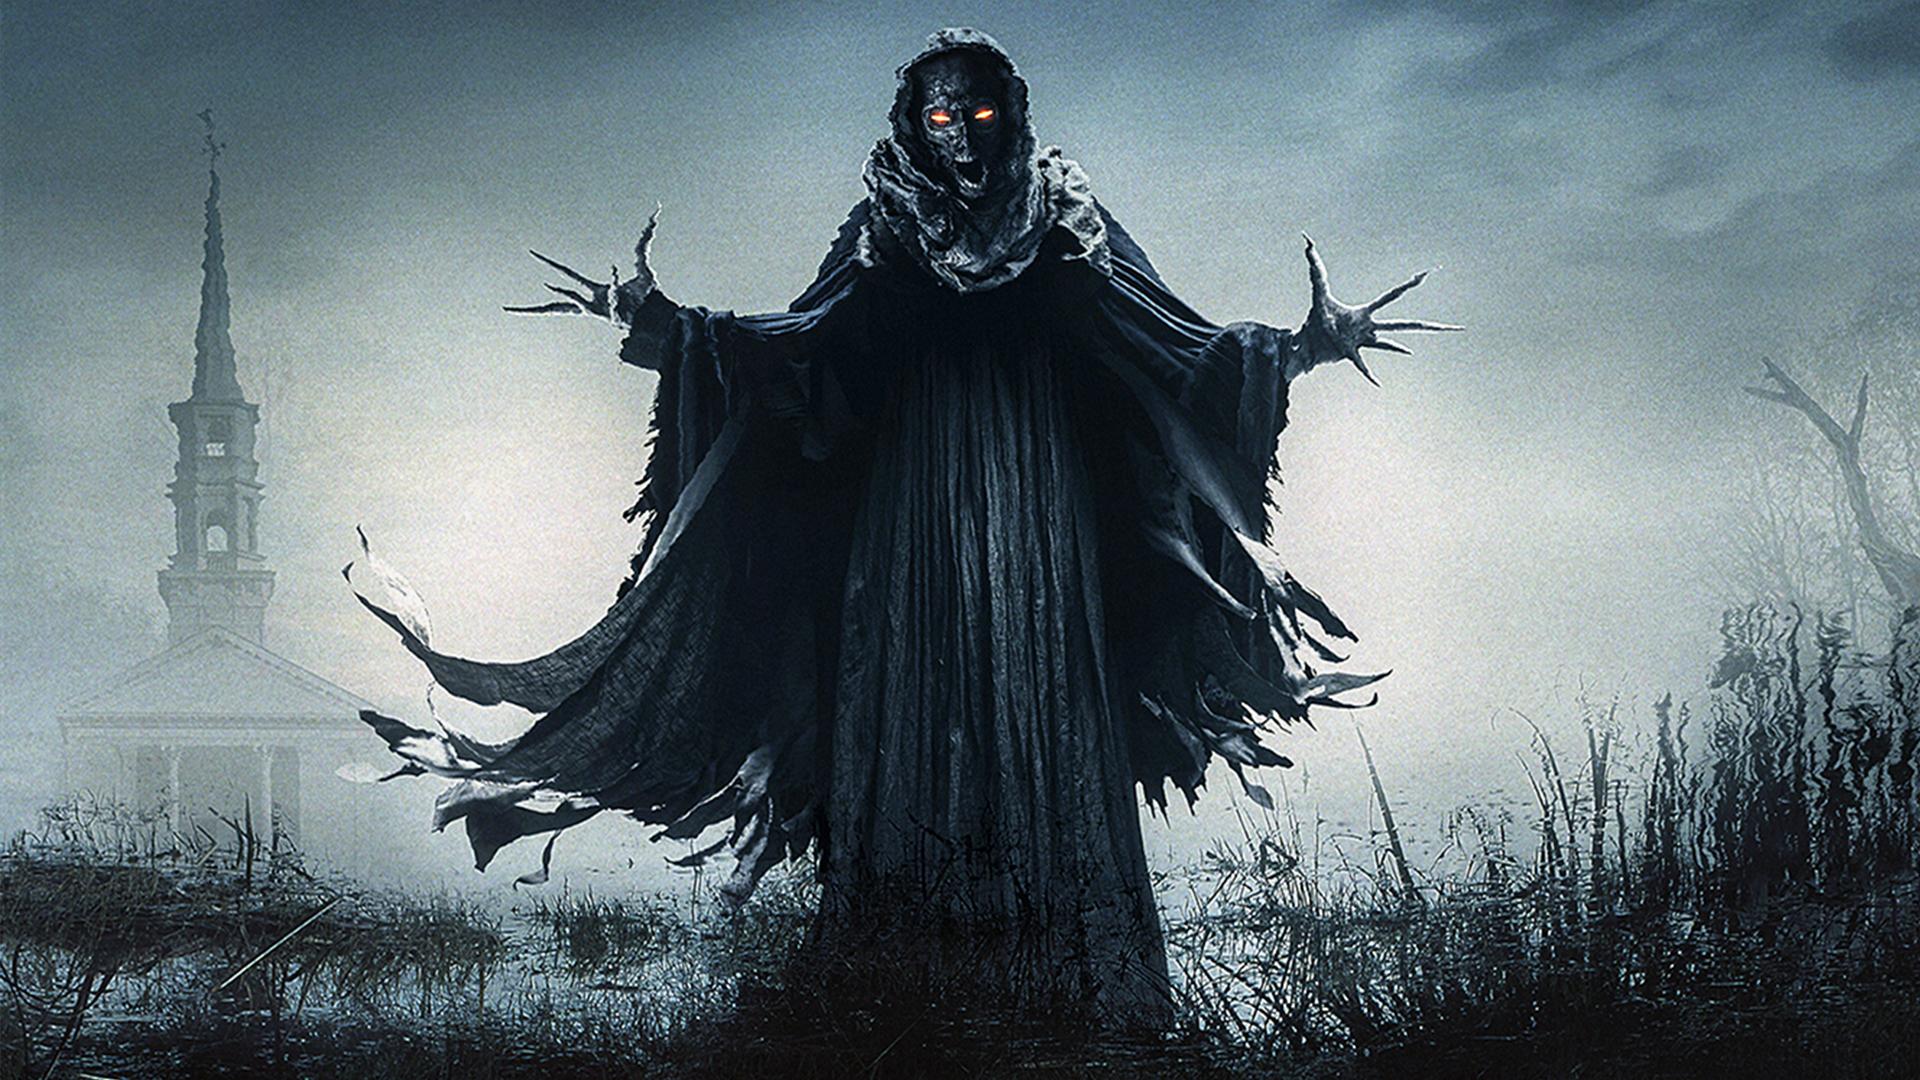 10分看完2021最新恐怖力作《不洁》,封印被破,恶魔降世